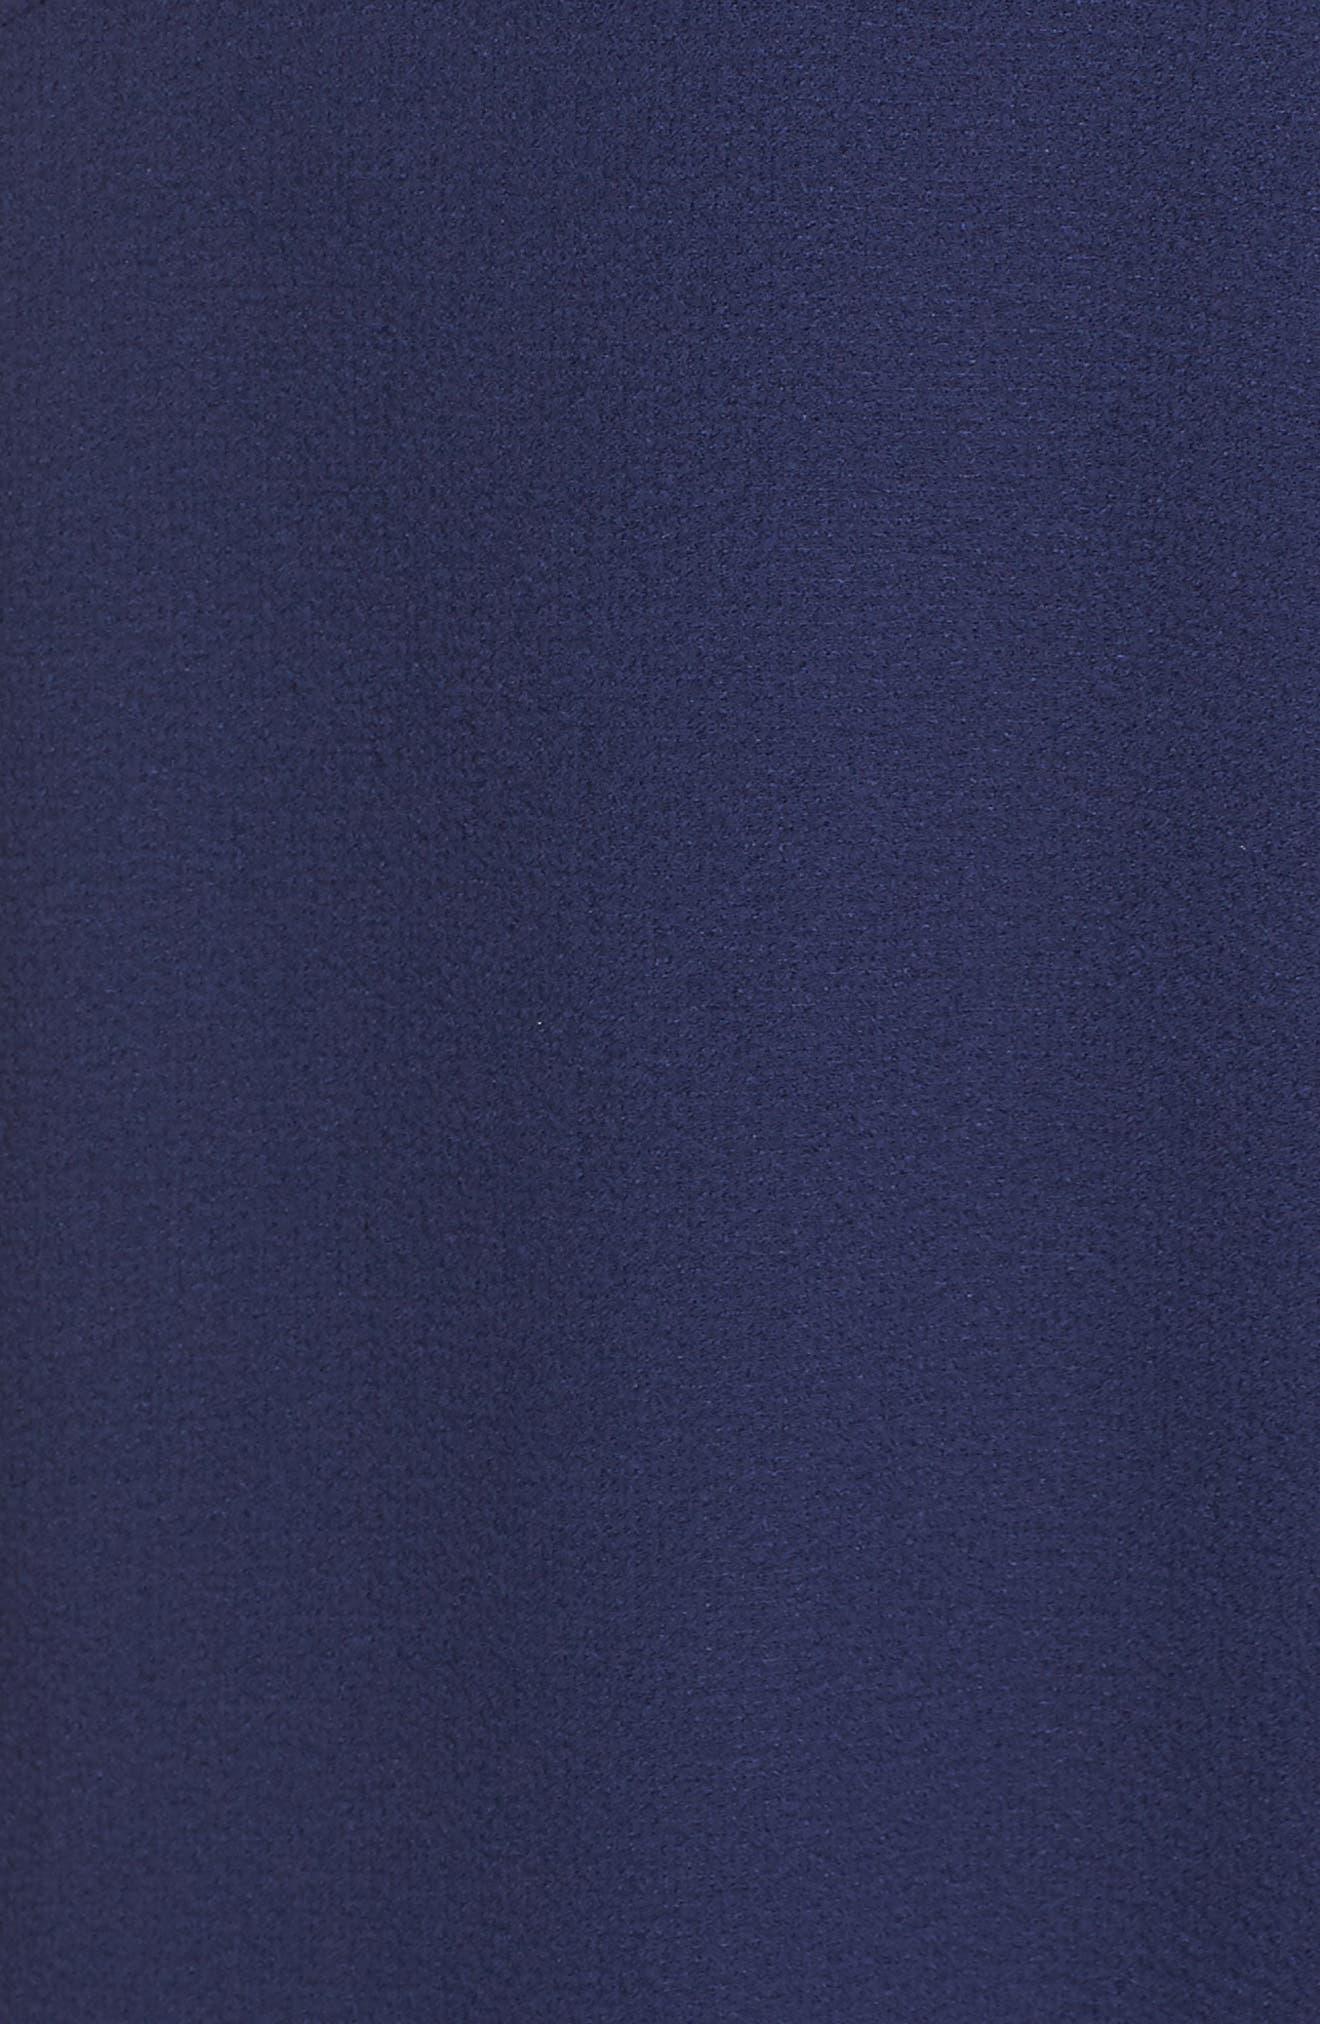 Georgette Faux Wrap Dress,                             Alternate thumbnail 6, color,                             460